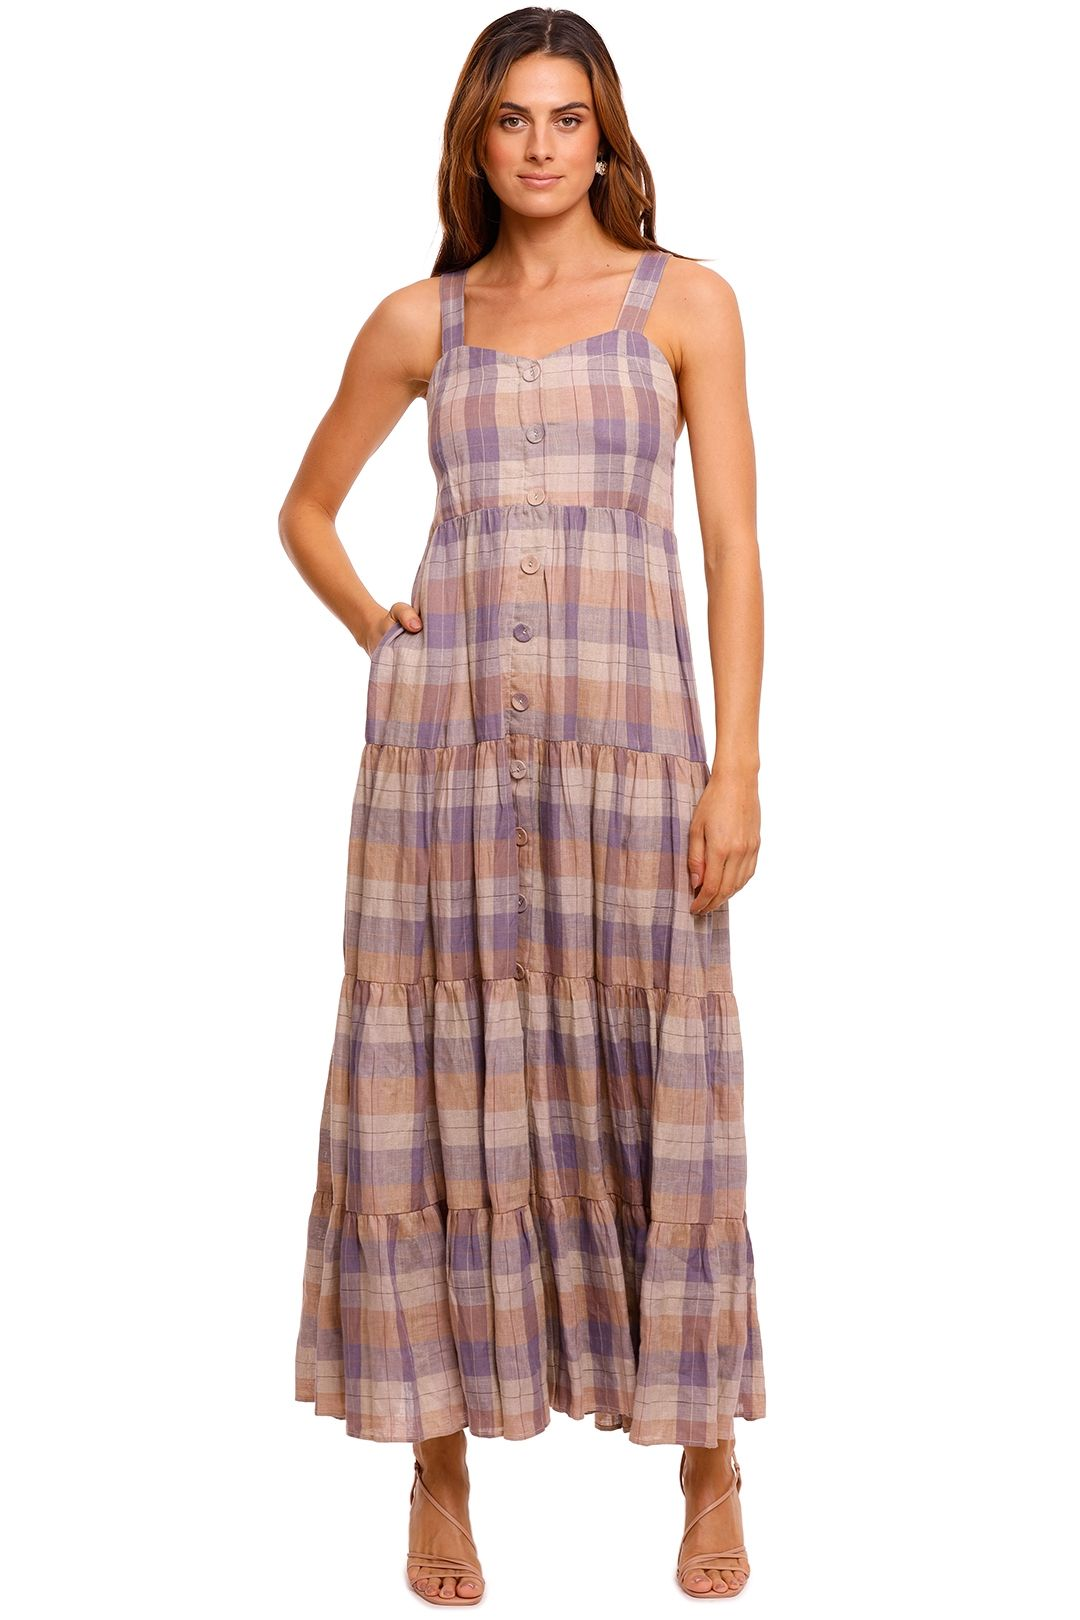 Magali Pascal Calypso Dress plaid